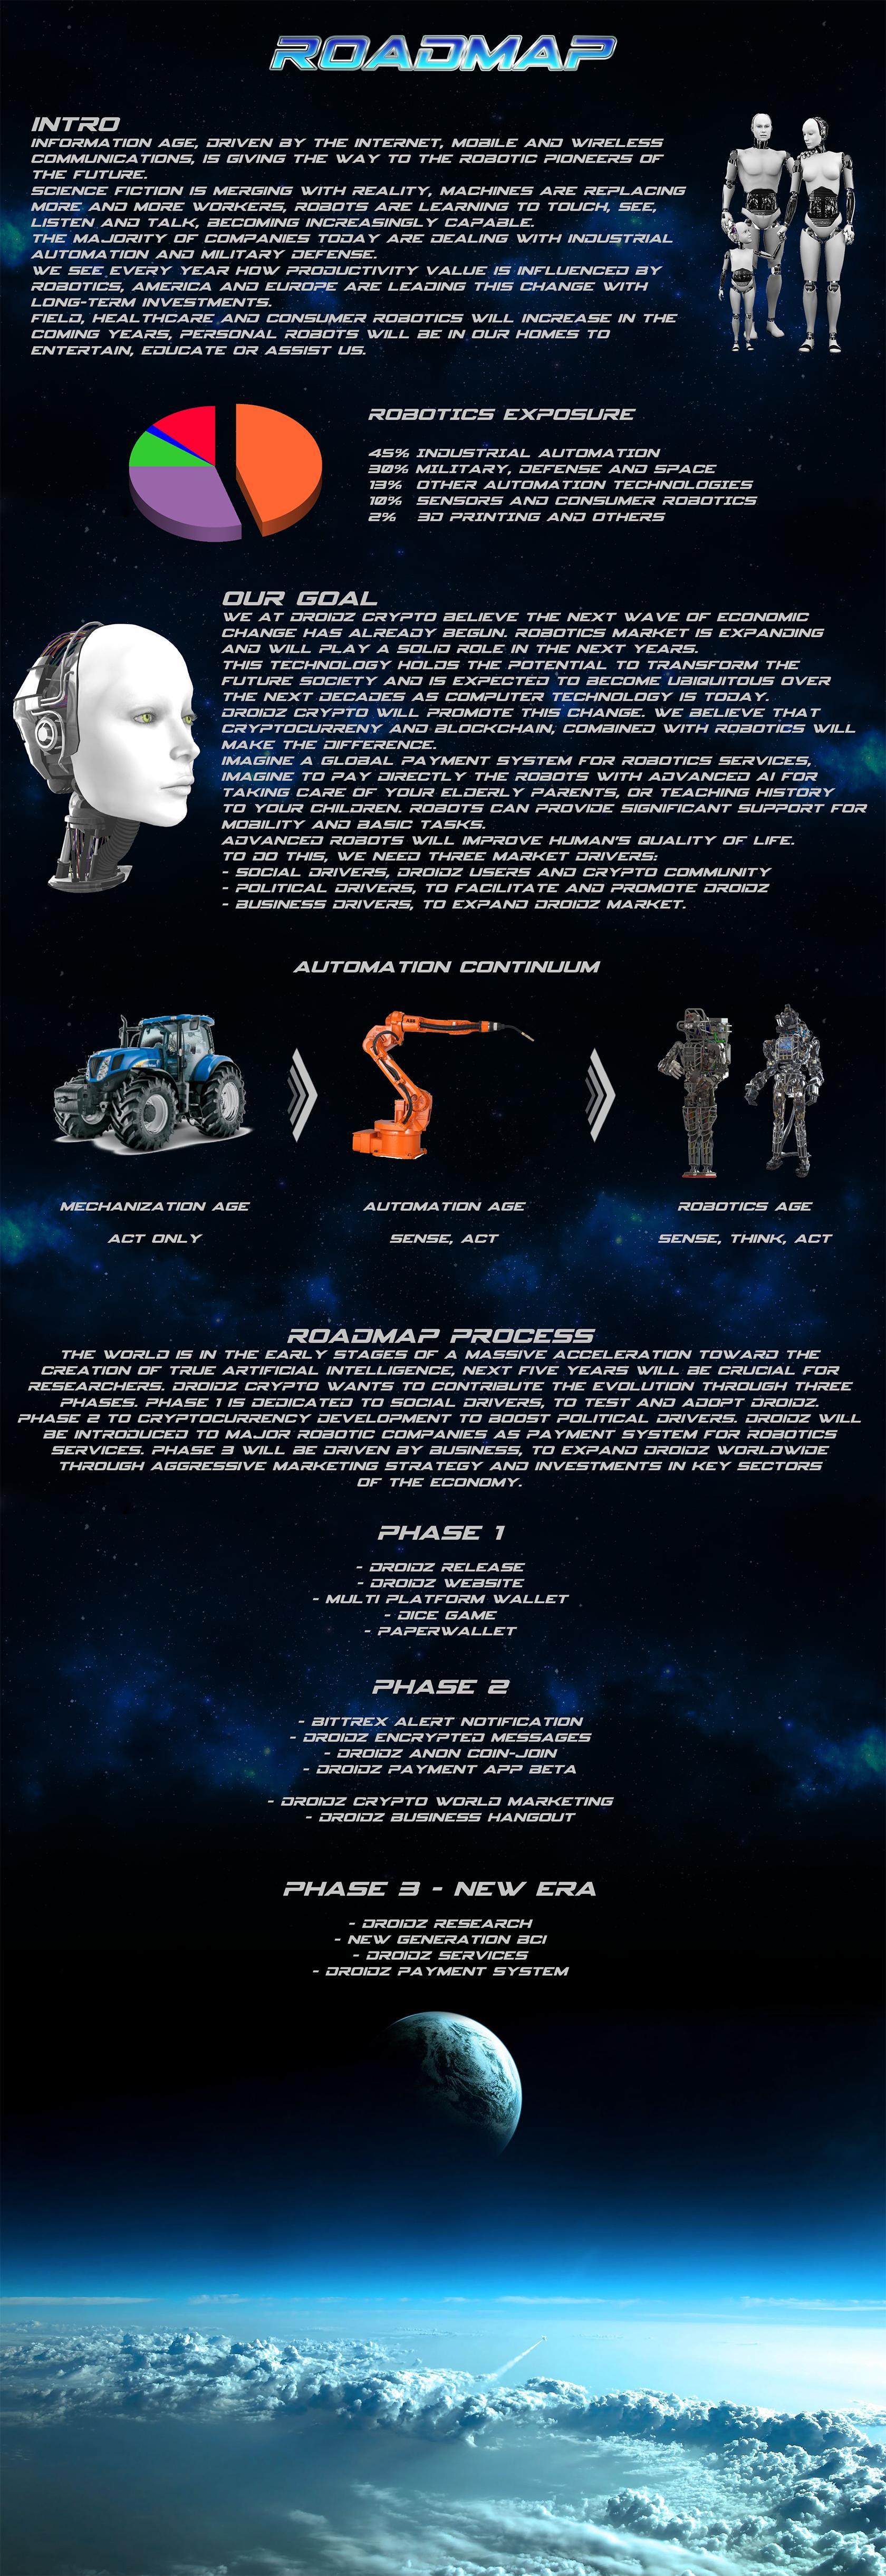 droidz coin-roadmap-3